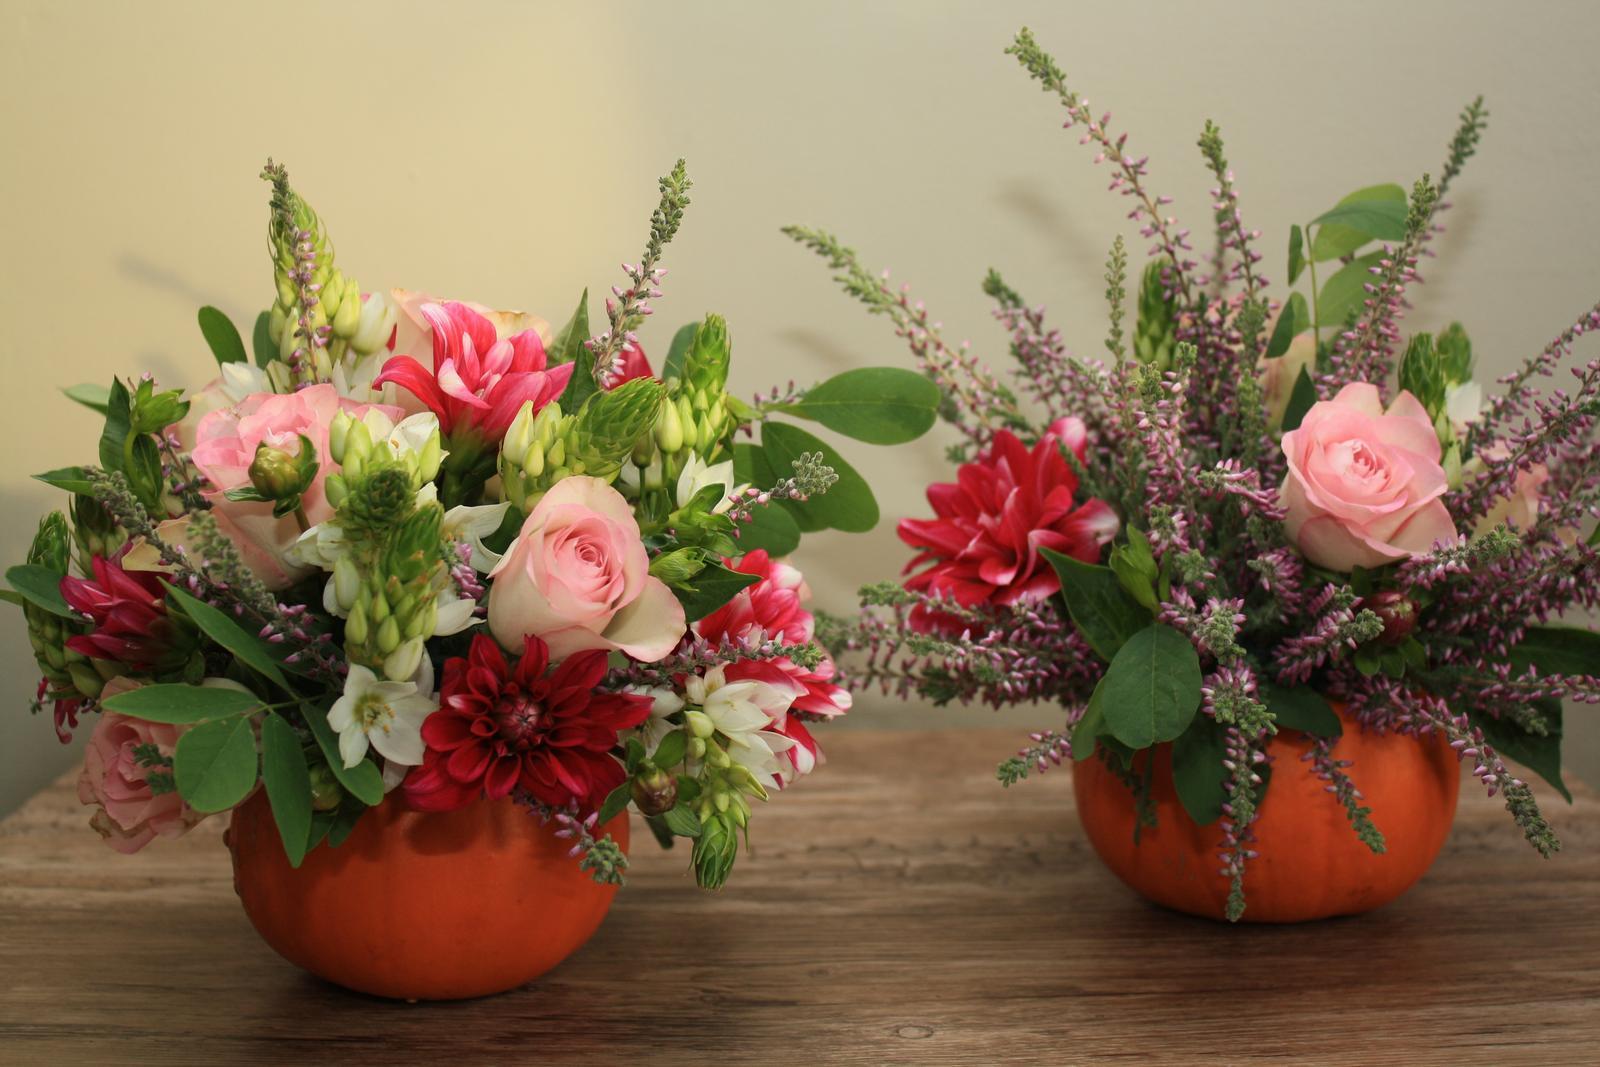 Kvetinové tvorenie - tekvičkový aranžmán